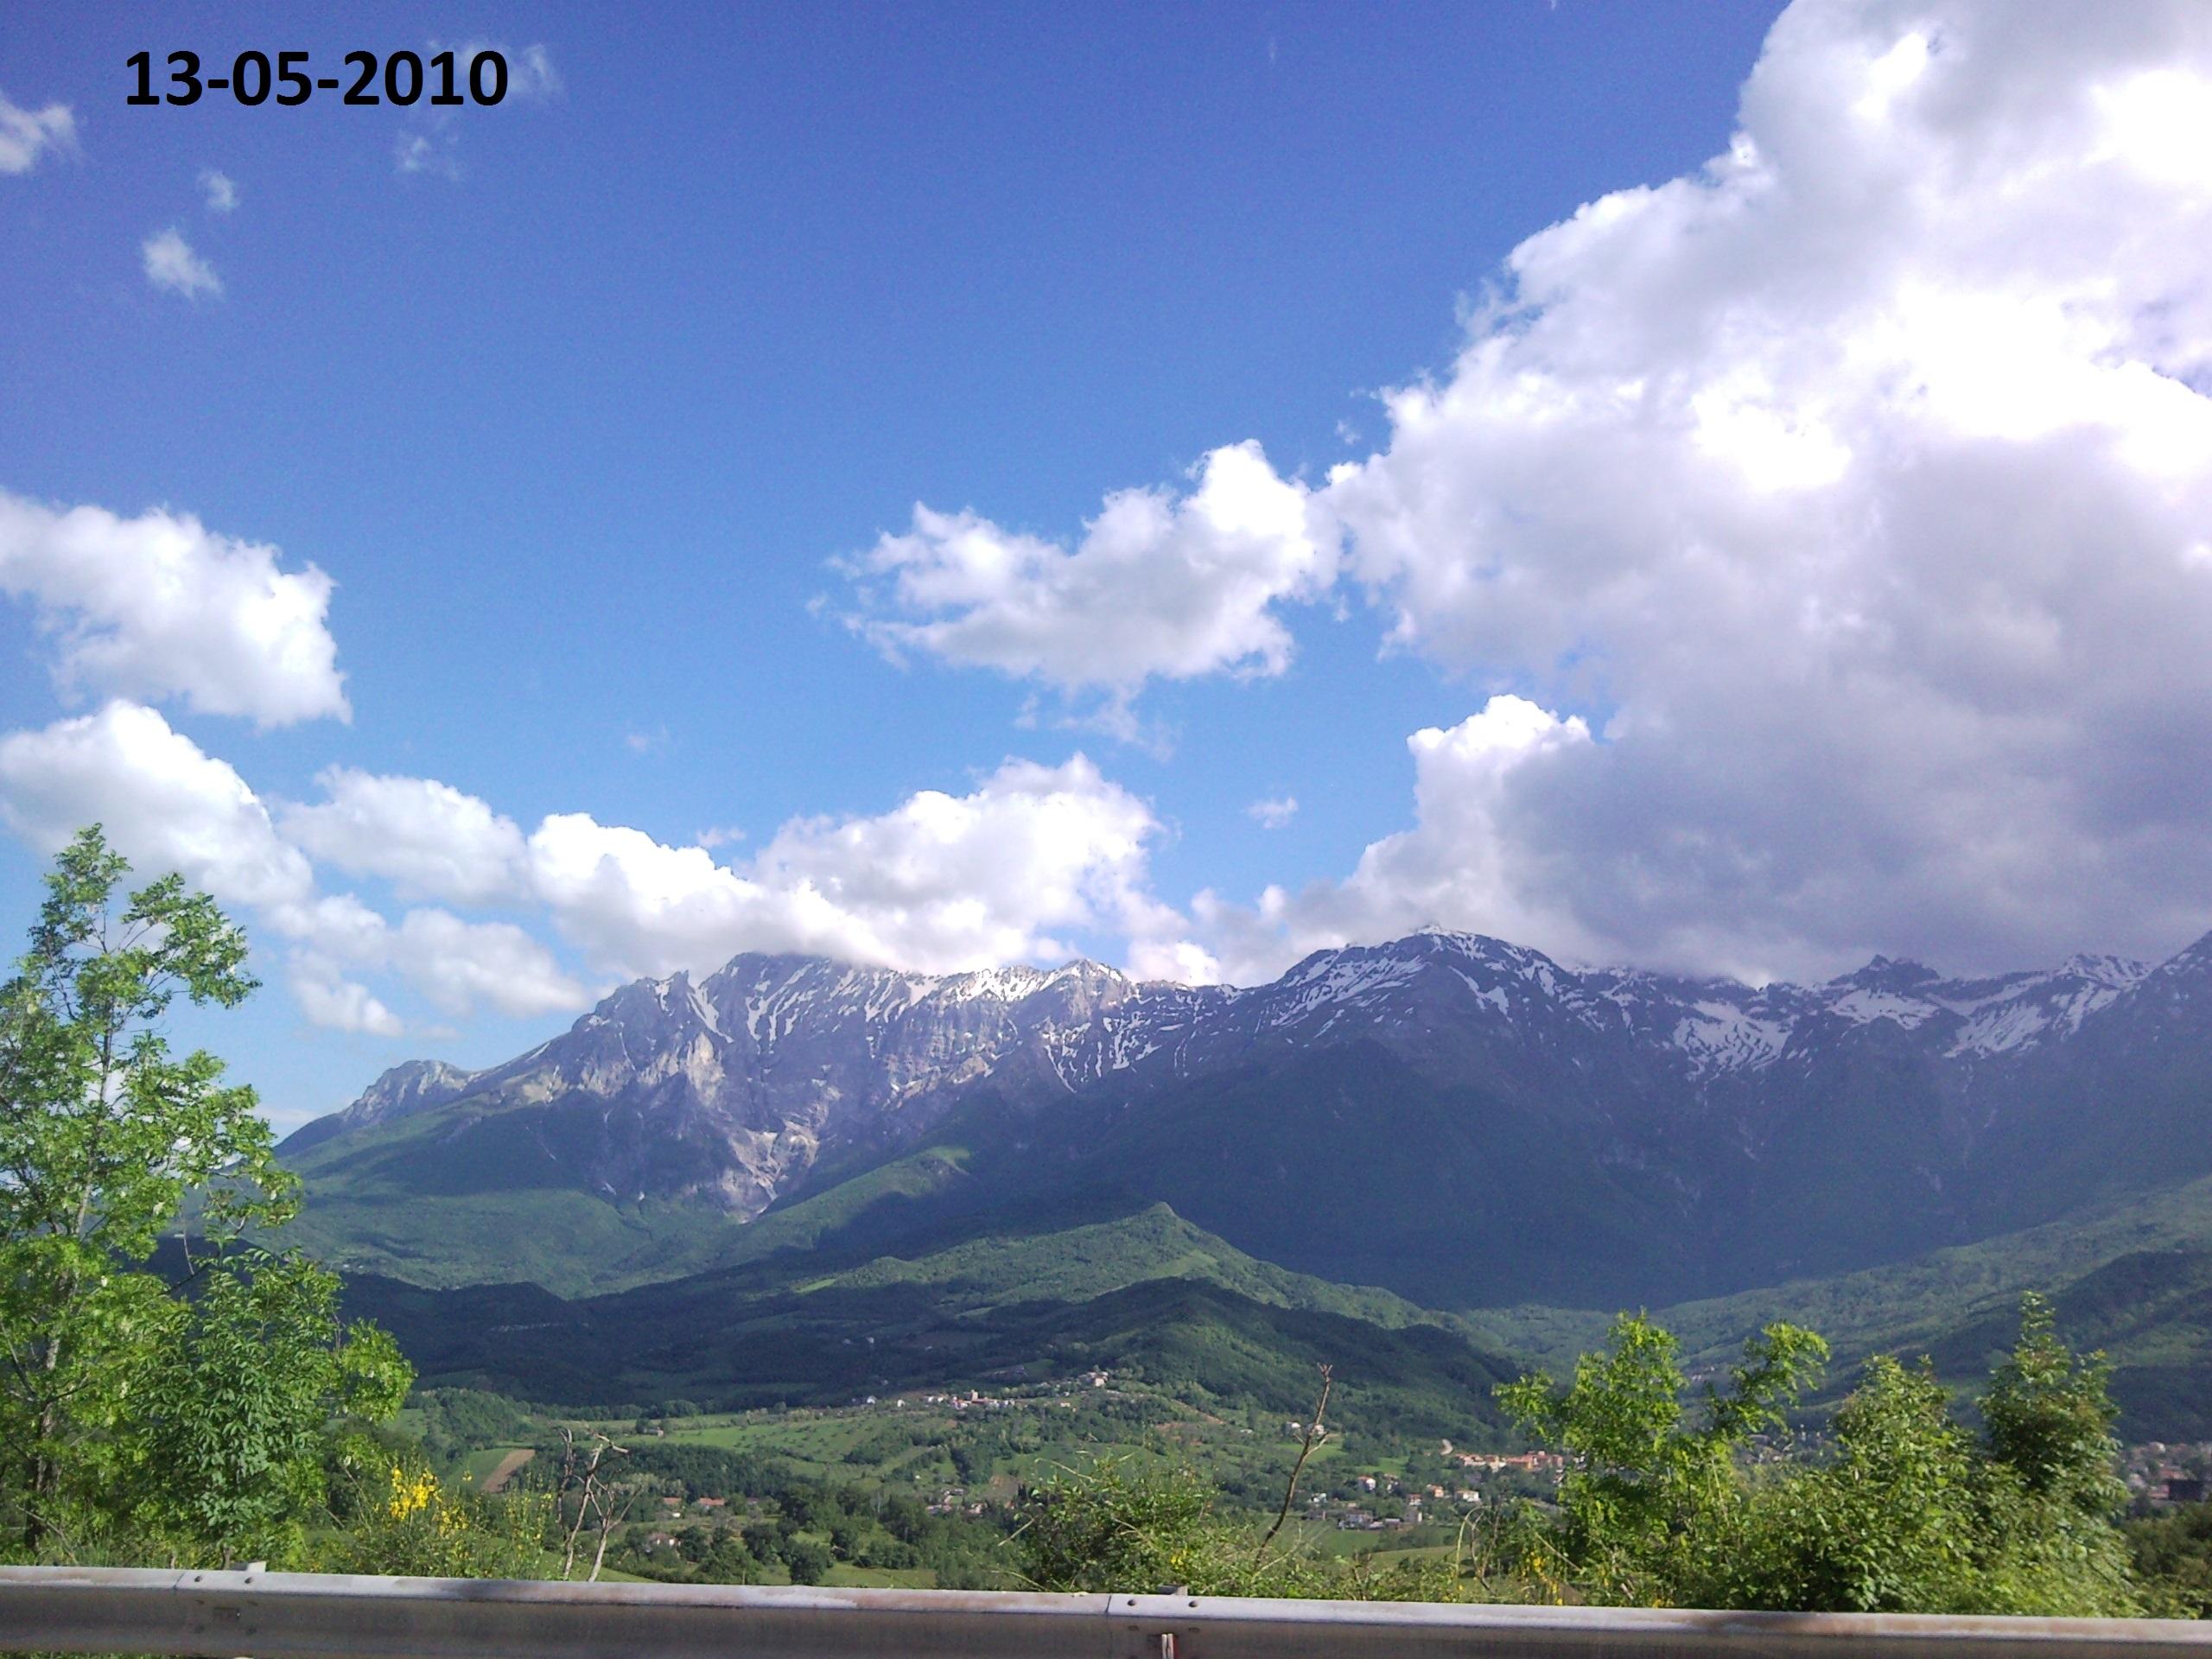 Situazione Nevai swettore Camicia Prena - Gran Sasso d'Italia - 12 agosto 2010-snc00224-copia.jpg